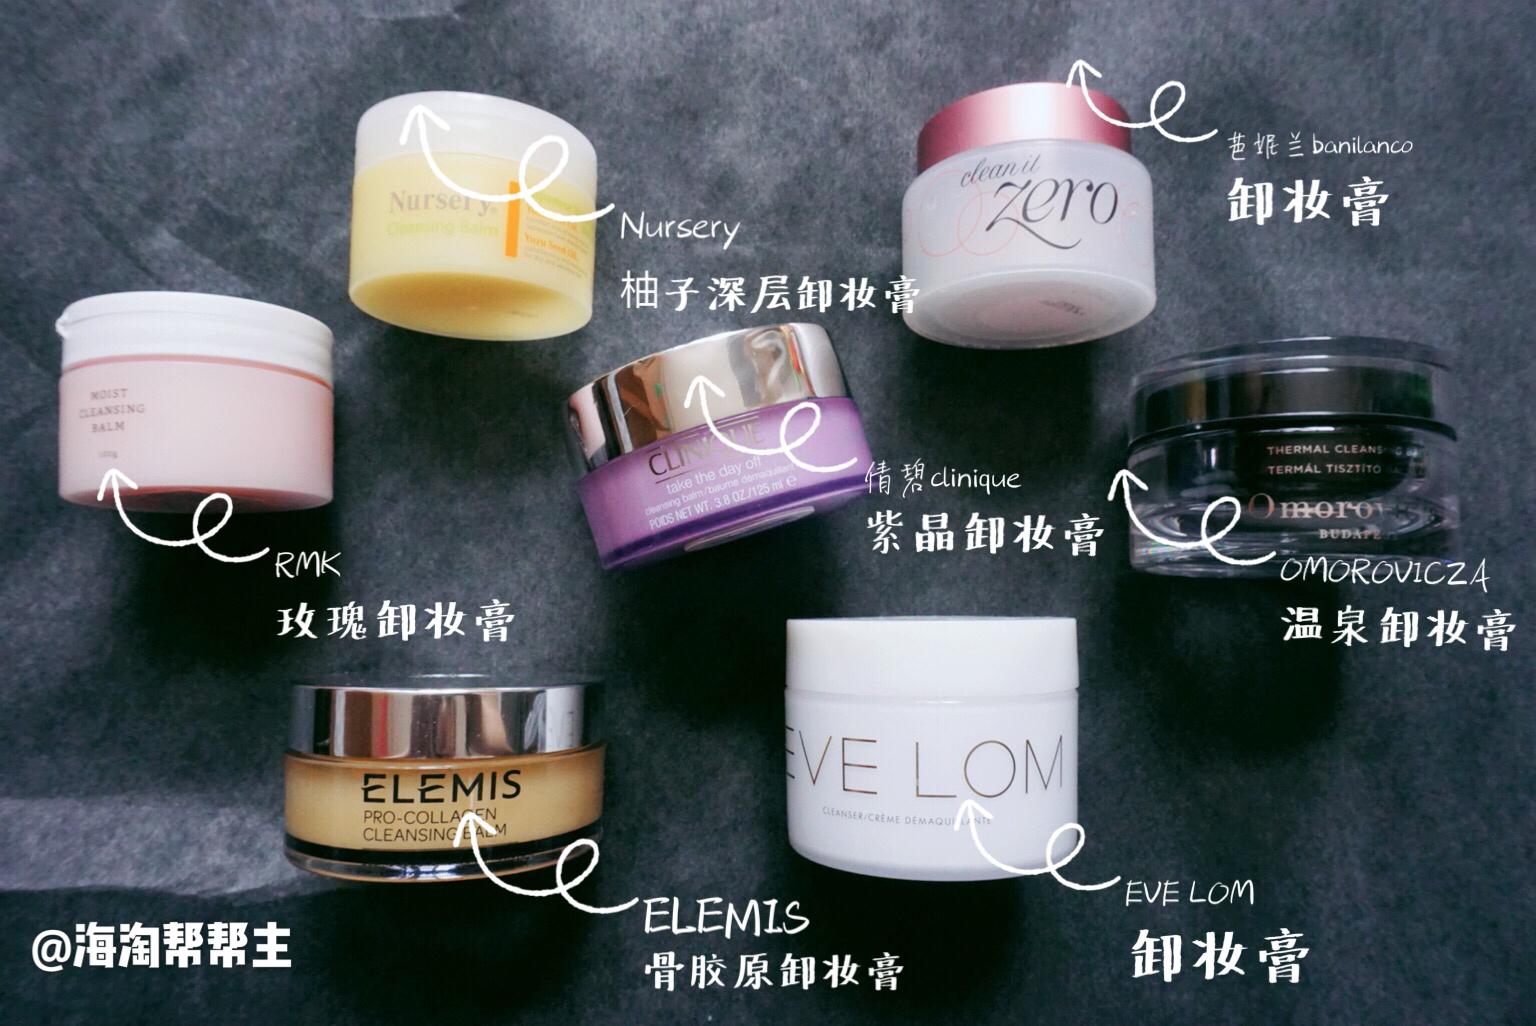 测评 | 卸妆比化妆更重要,海淘这几款卸妆膏准没错!